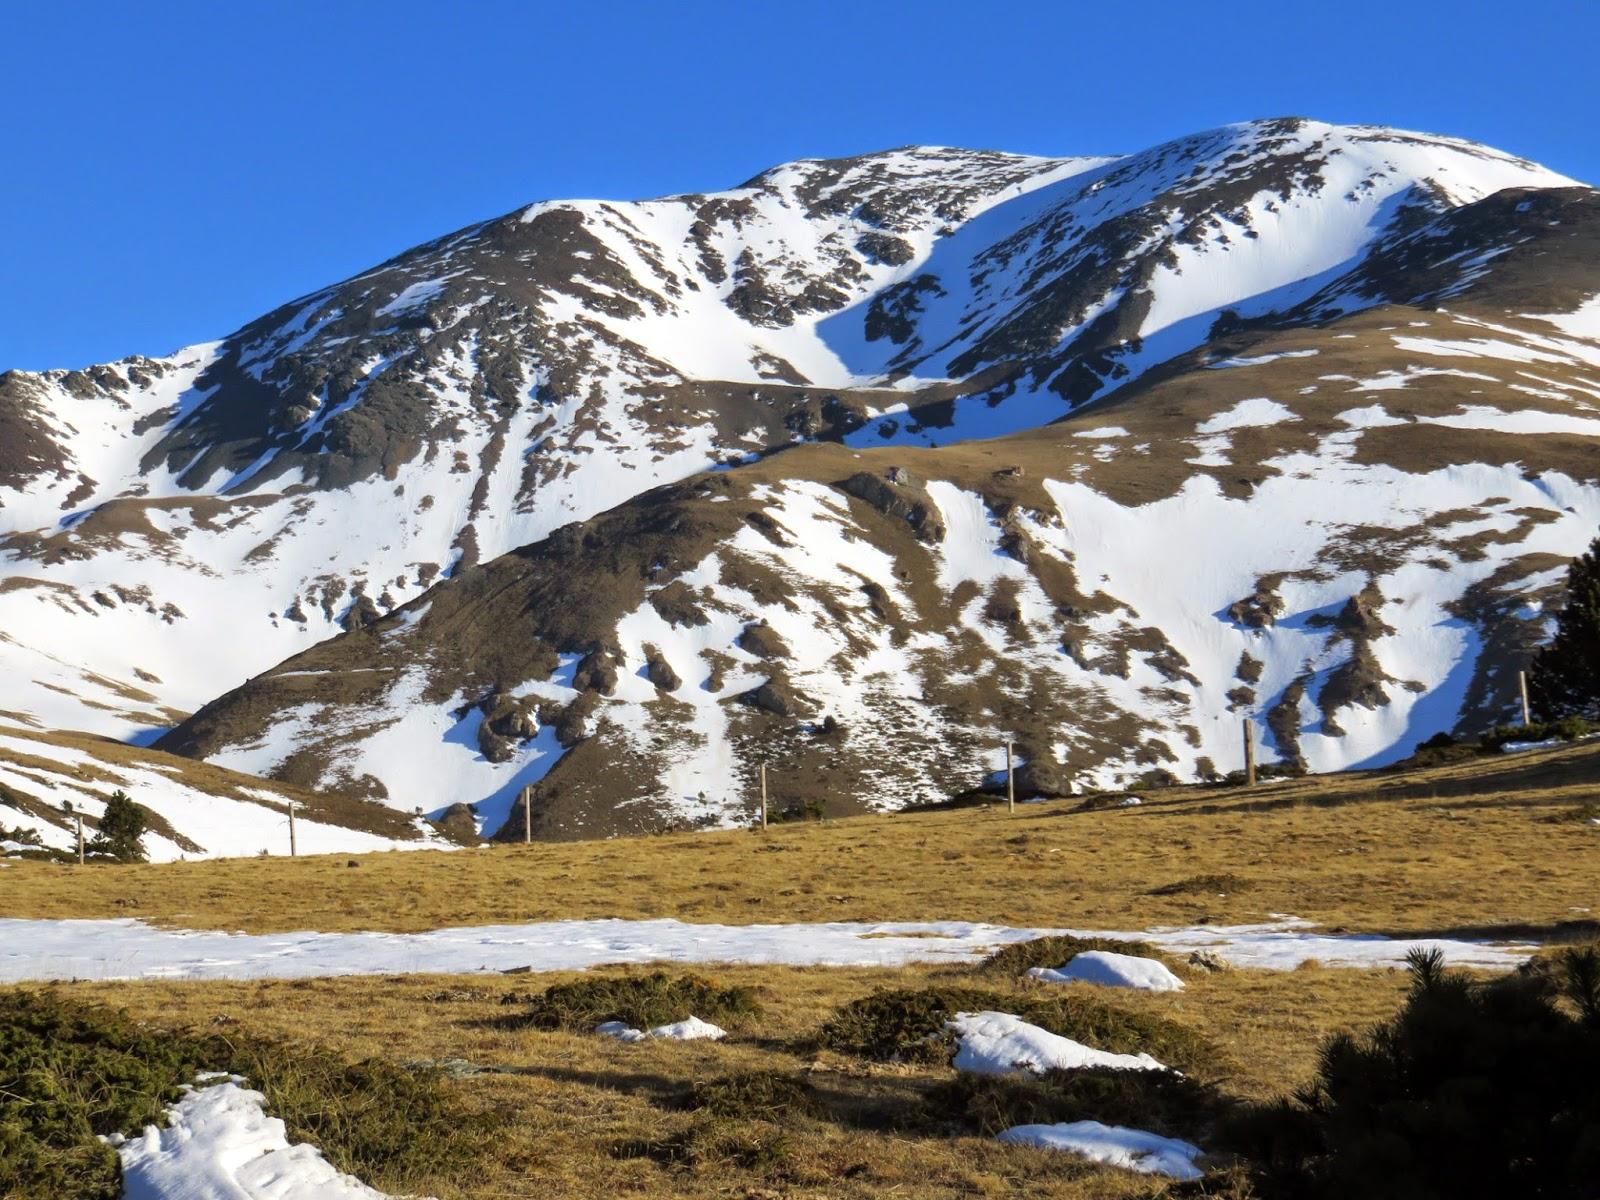 Vistas al Pico Puigmal y parte del recorrido de ascensión desde la ruta del Collet de les Barraques.